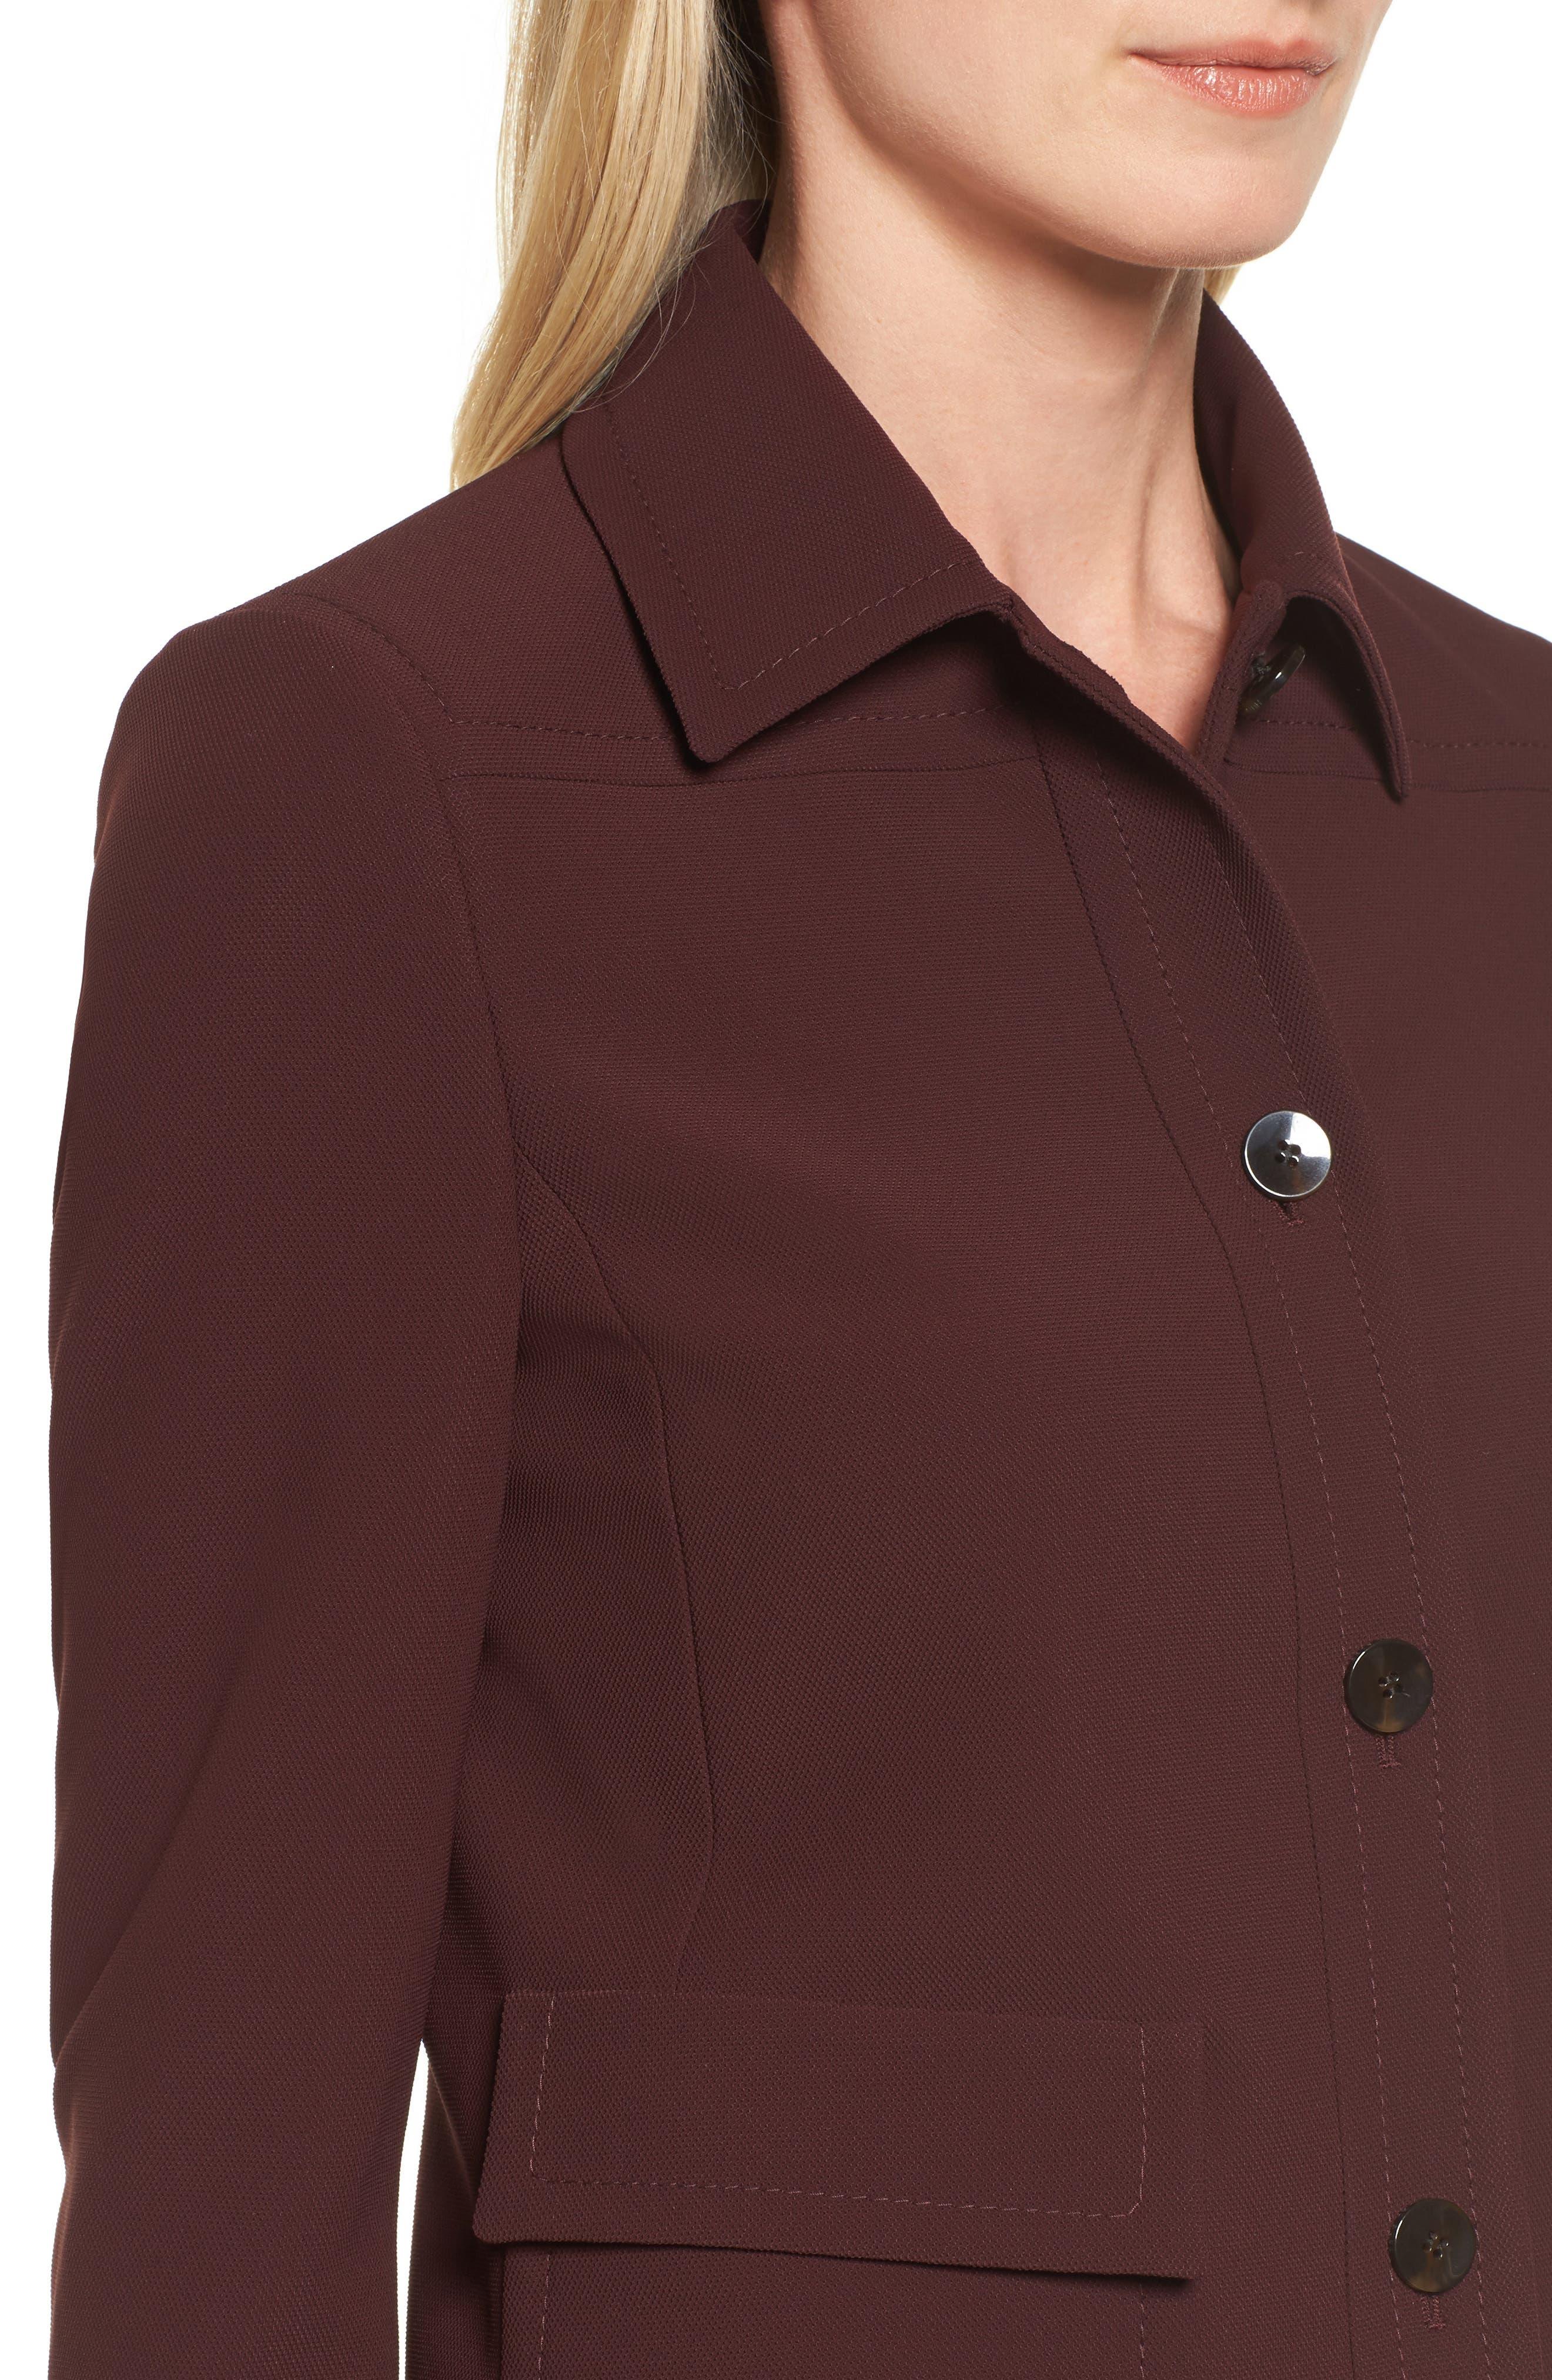 Juriona Suit Jacket,                             Alternate thumbnail 4, color,                             602